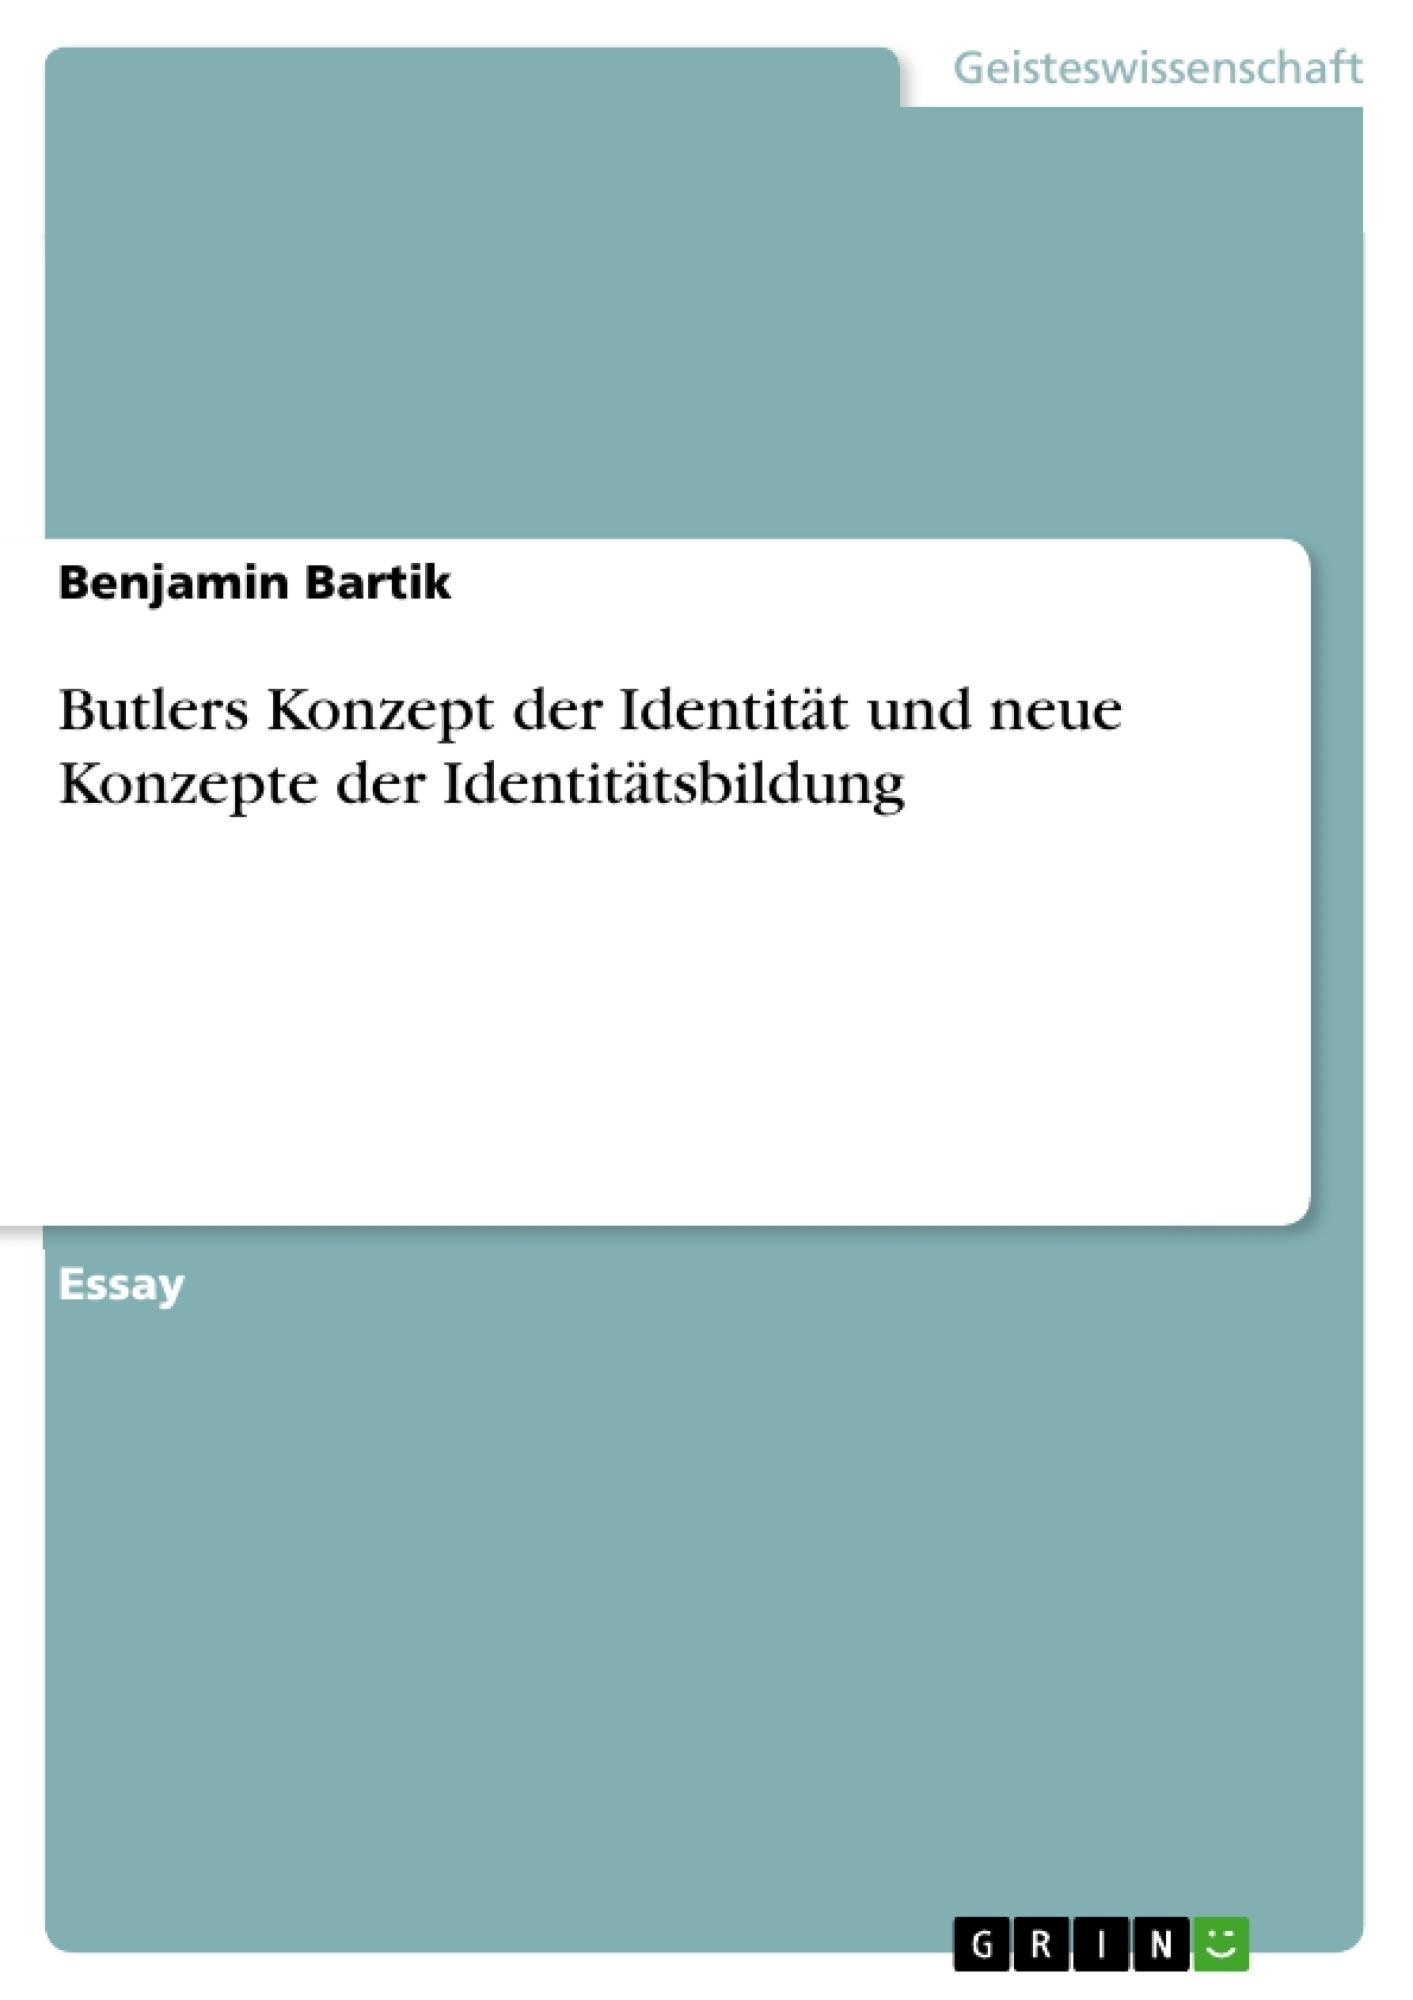 Titel: Butlers Konzept der Identität und neue Konzepte der Identitätsbildung